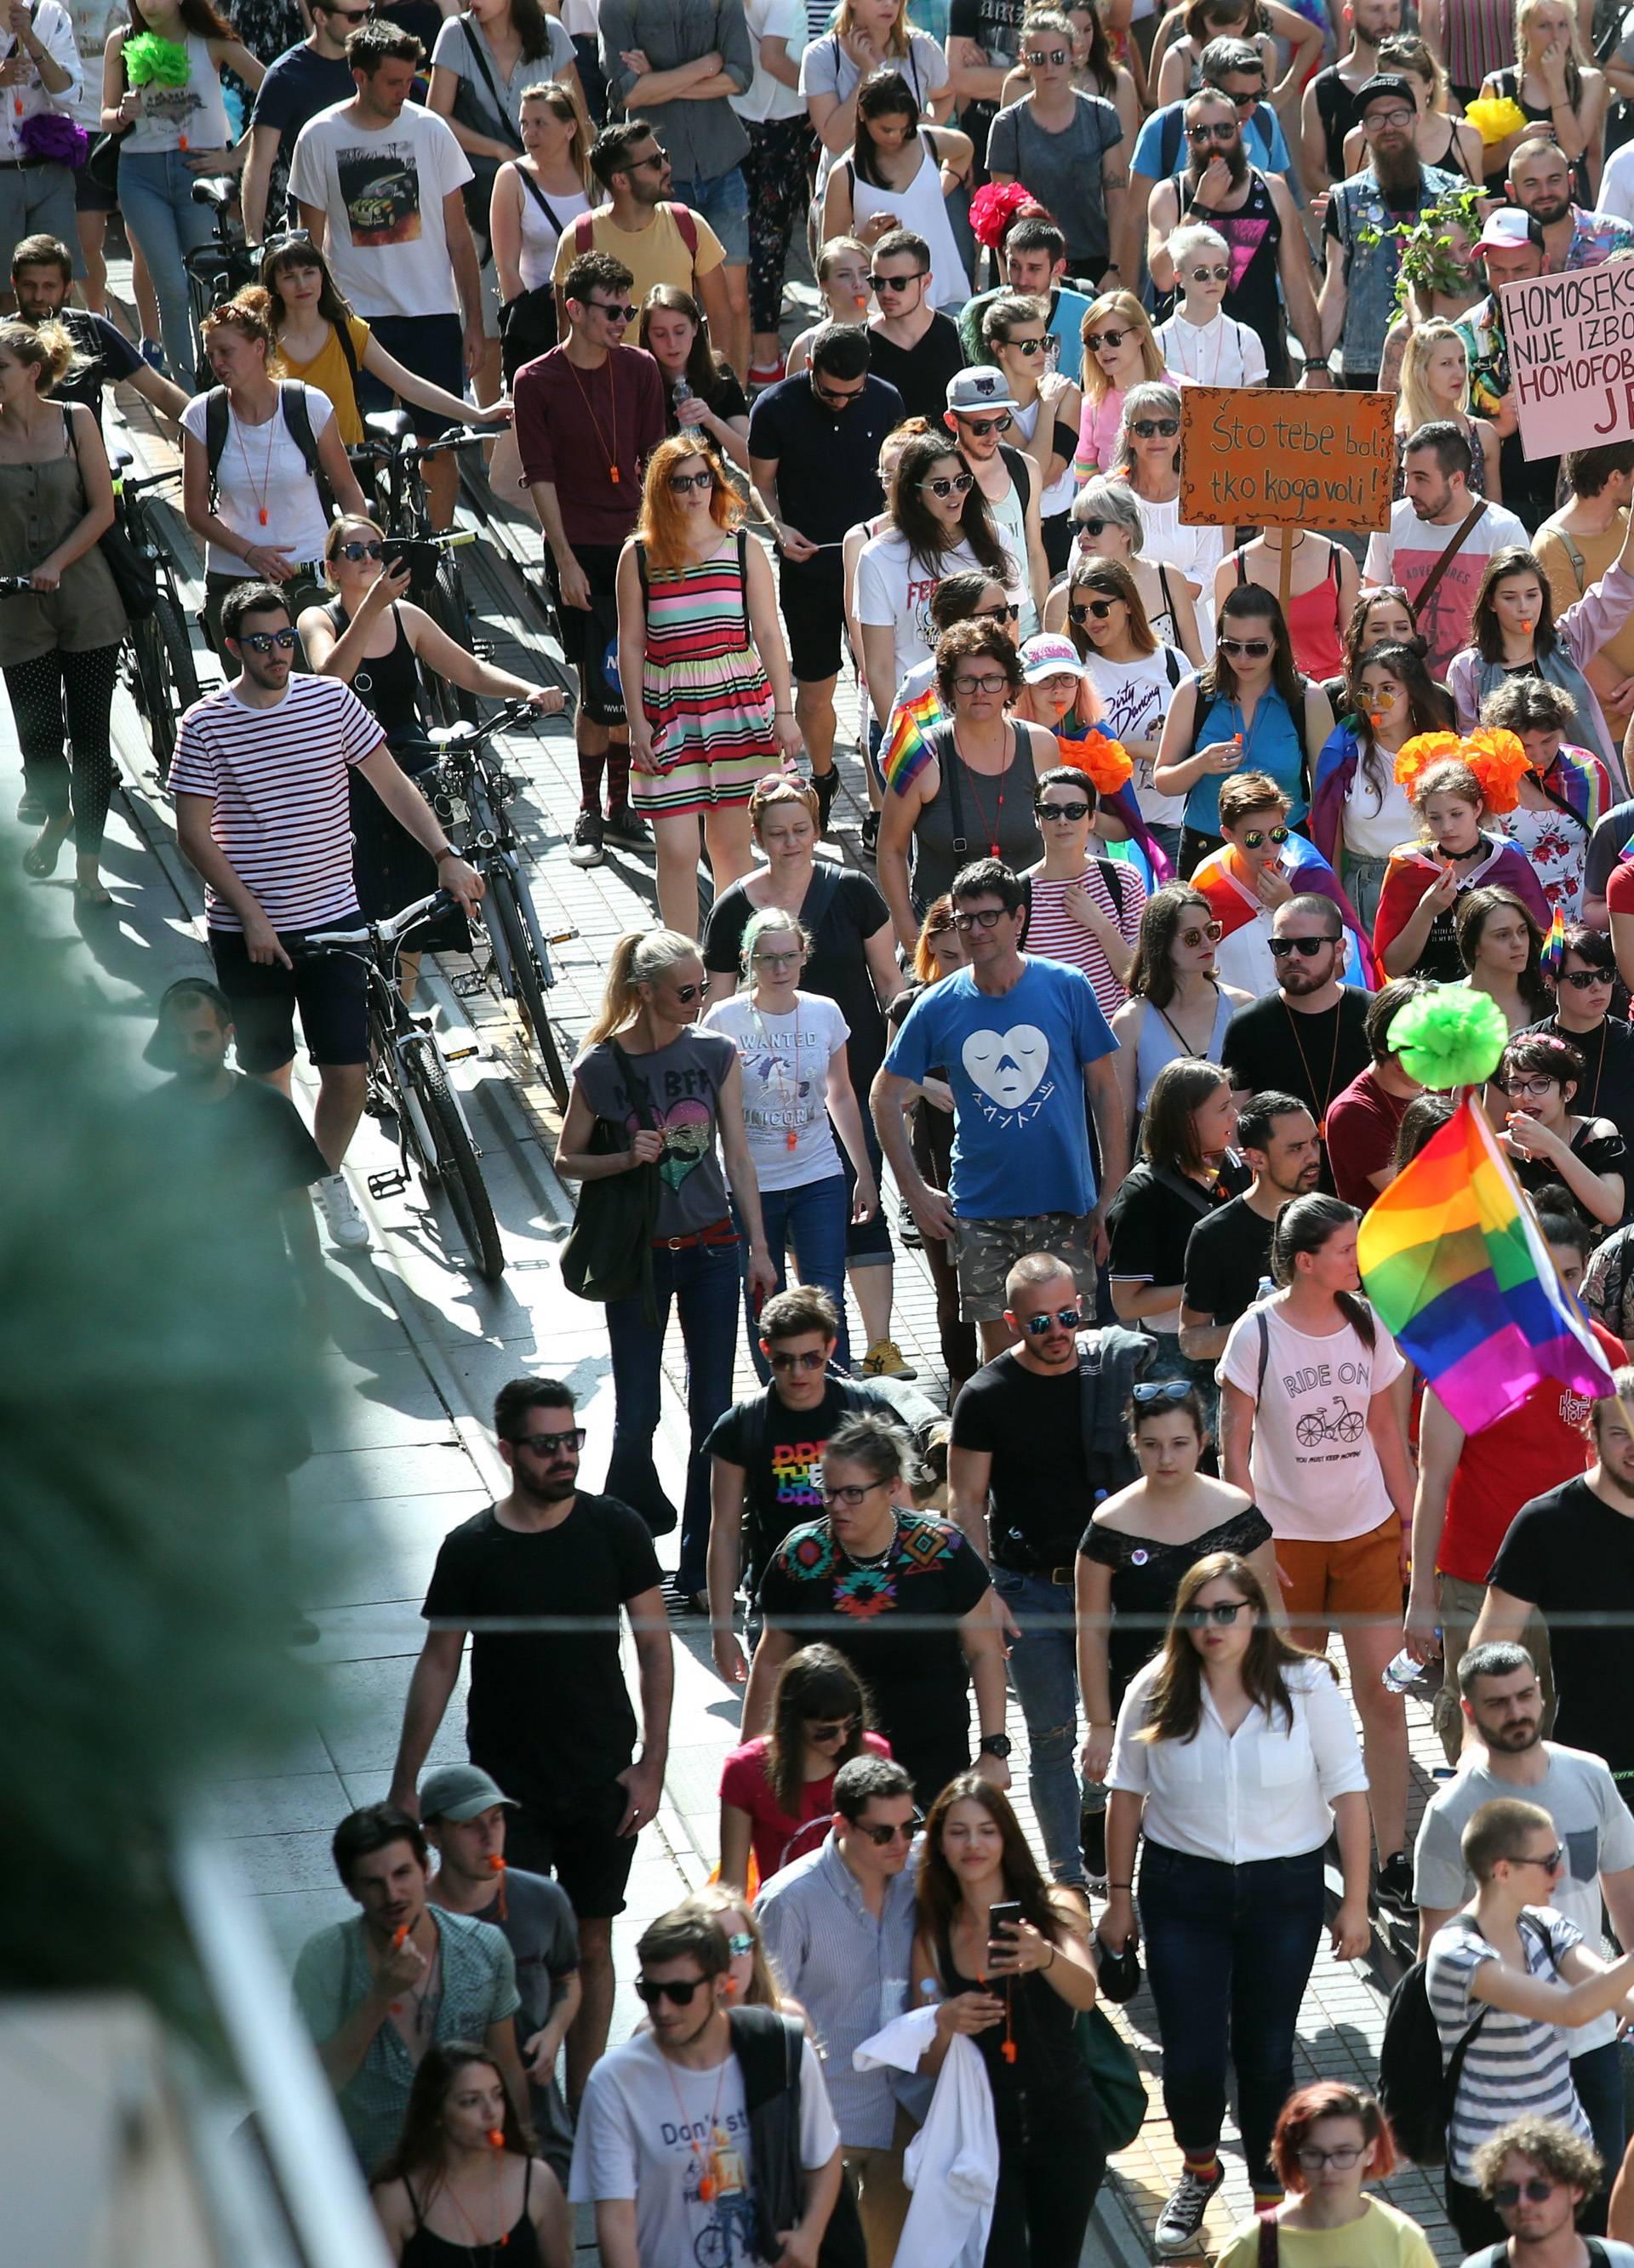 Nekoliko tisuća ljudi u Povorci ponosa: Želimo ljubav i slobodu